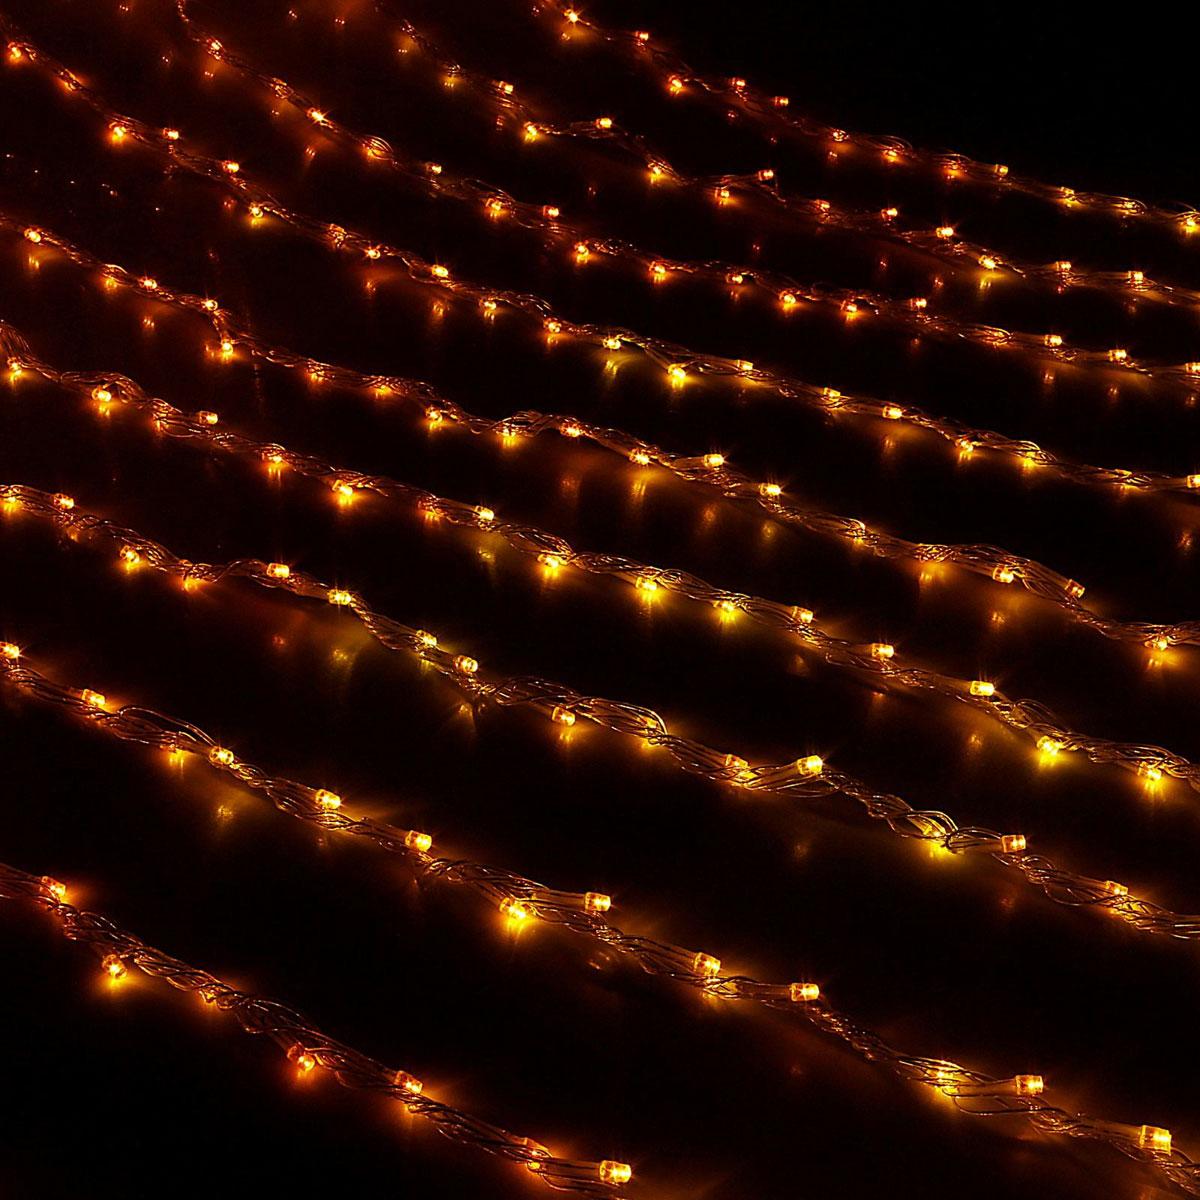 Гирлянда светодиодная Luazon Дождь, 8 режимов, 300 ламп, 220 V, 1,5 х 1 м, цвет: желтый. 671635671635Гирлянда светодиодная Дождь - это отличный вариант для новогоднего оформления интерьера или фасада. С ее помощью помещение любого размера можно превратить в праздничный зал, а внешние элементы зданий, украшенные гирляндой, мгновенно станут напоминать очертания сказочного дворца. Такое украшение создаст ауру предвкушения чуда. Деревья, фасады, витрины, окна и арки будто специально созданы, чтобы вы украсили их светящимися нитями.